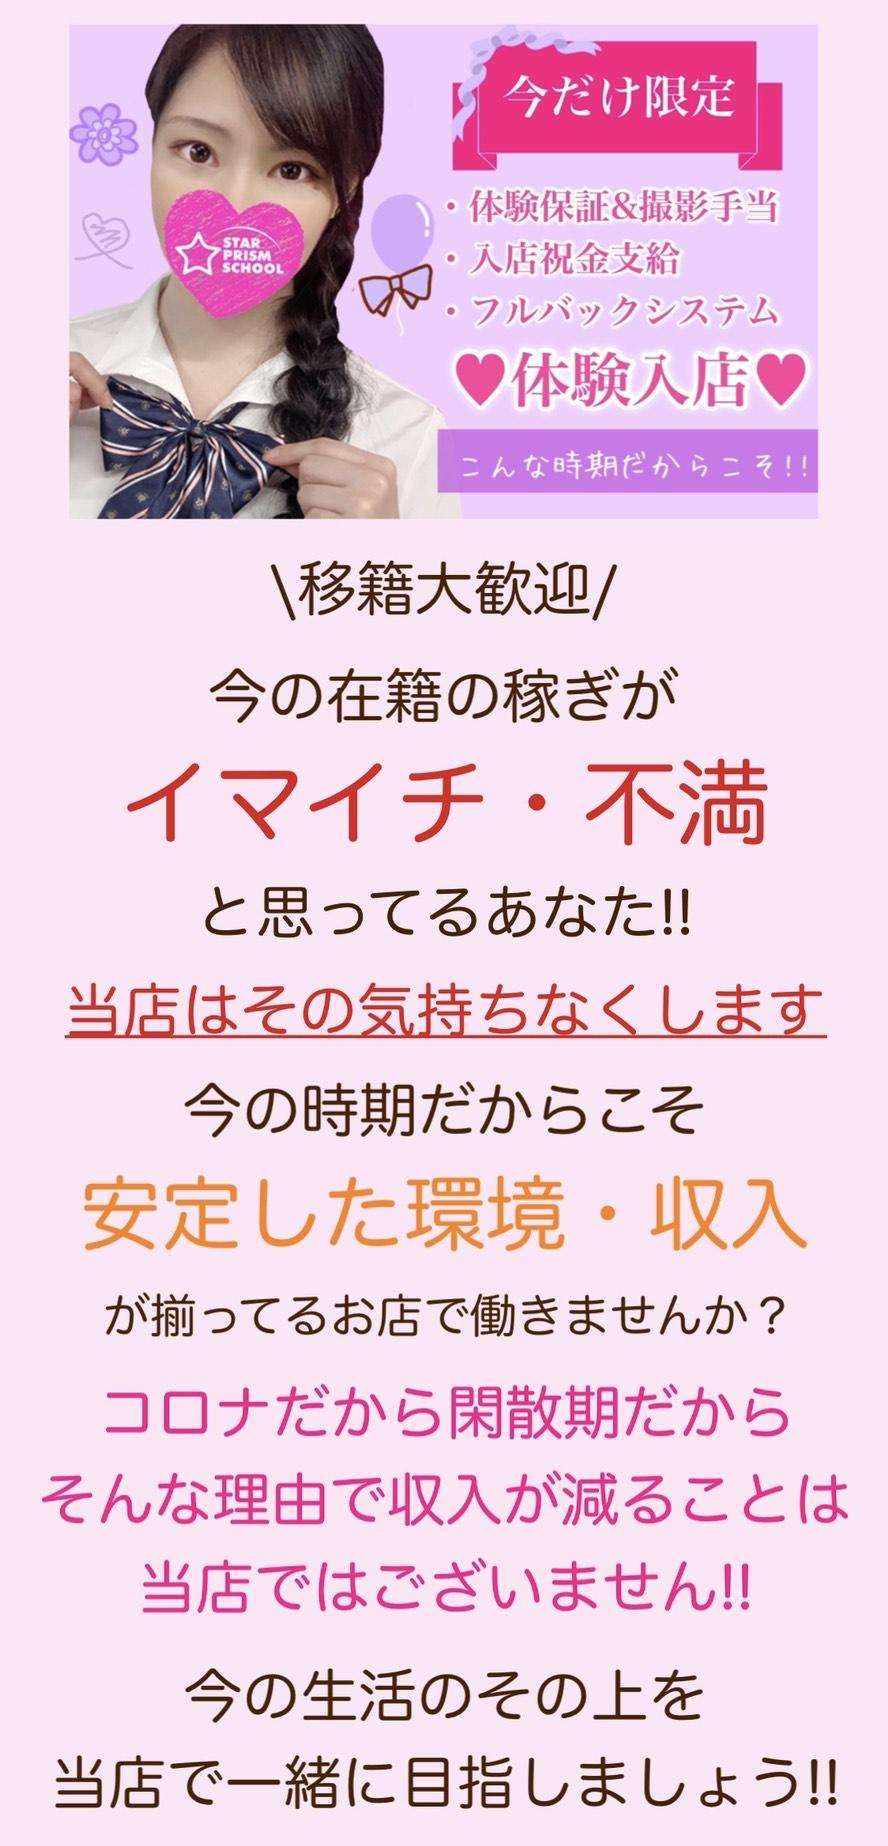 ★スタープリズムスクール★